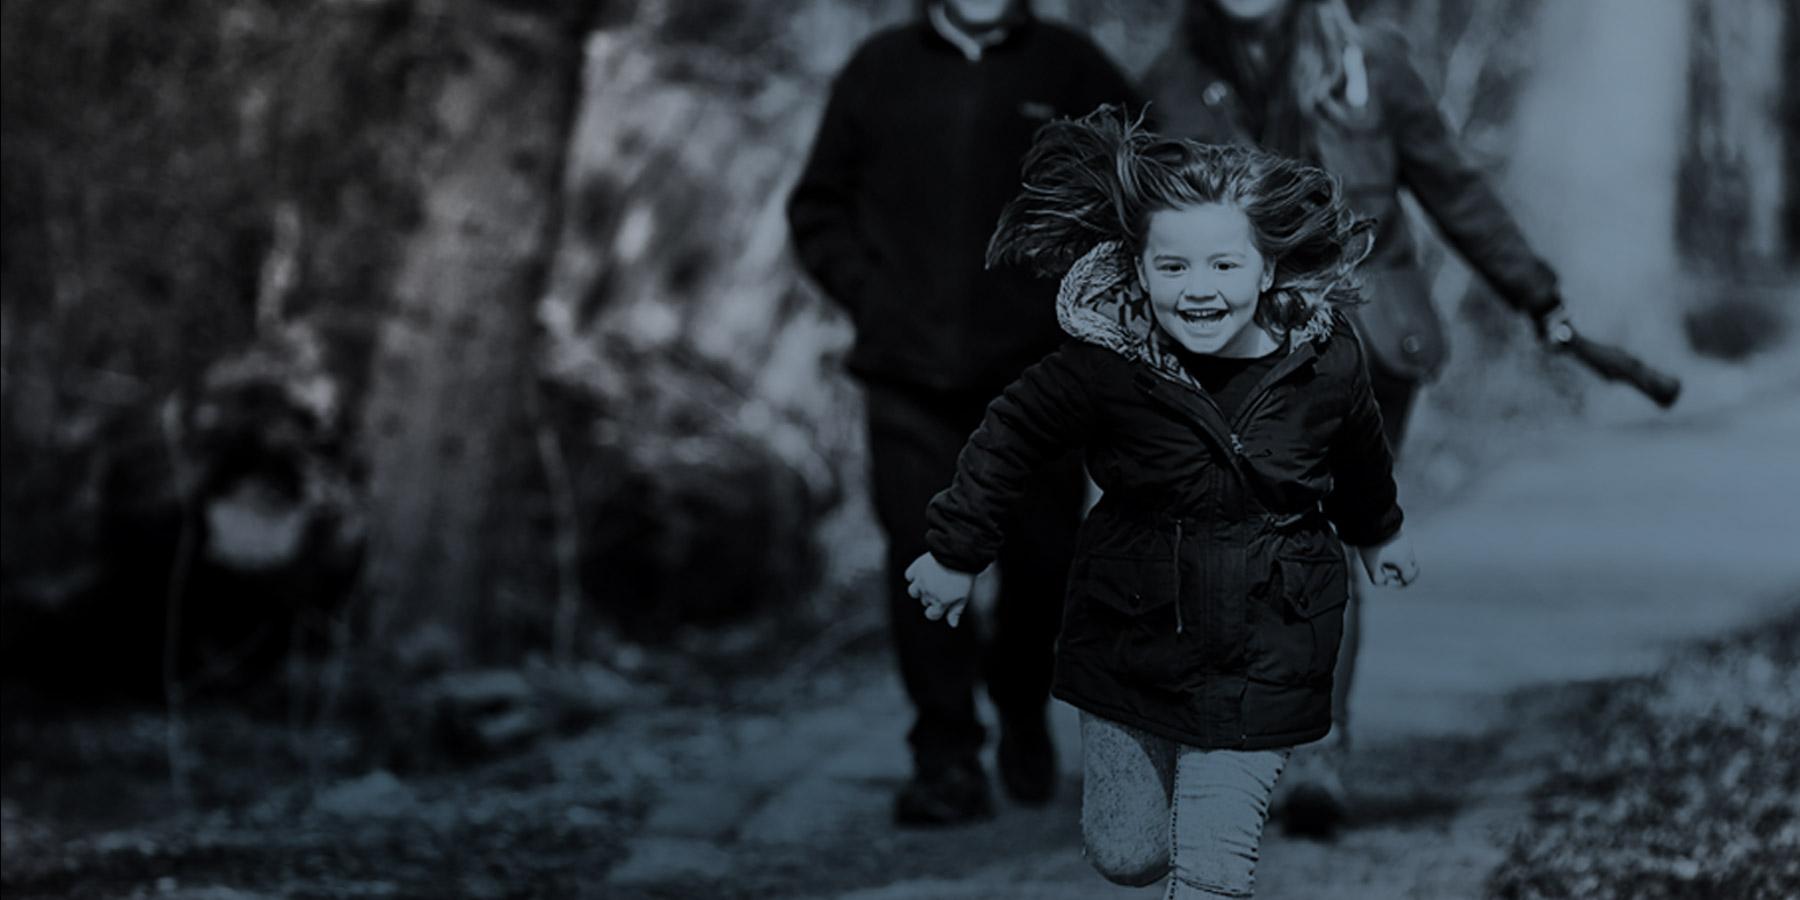 Sundhed og familie i skoven